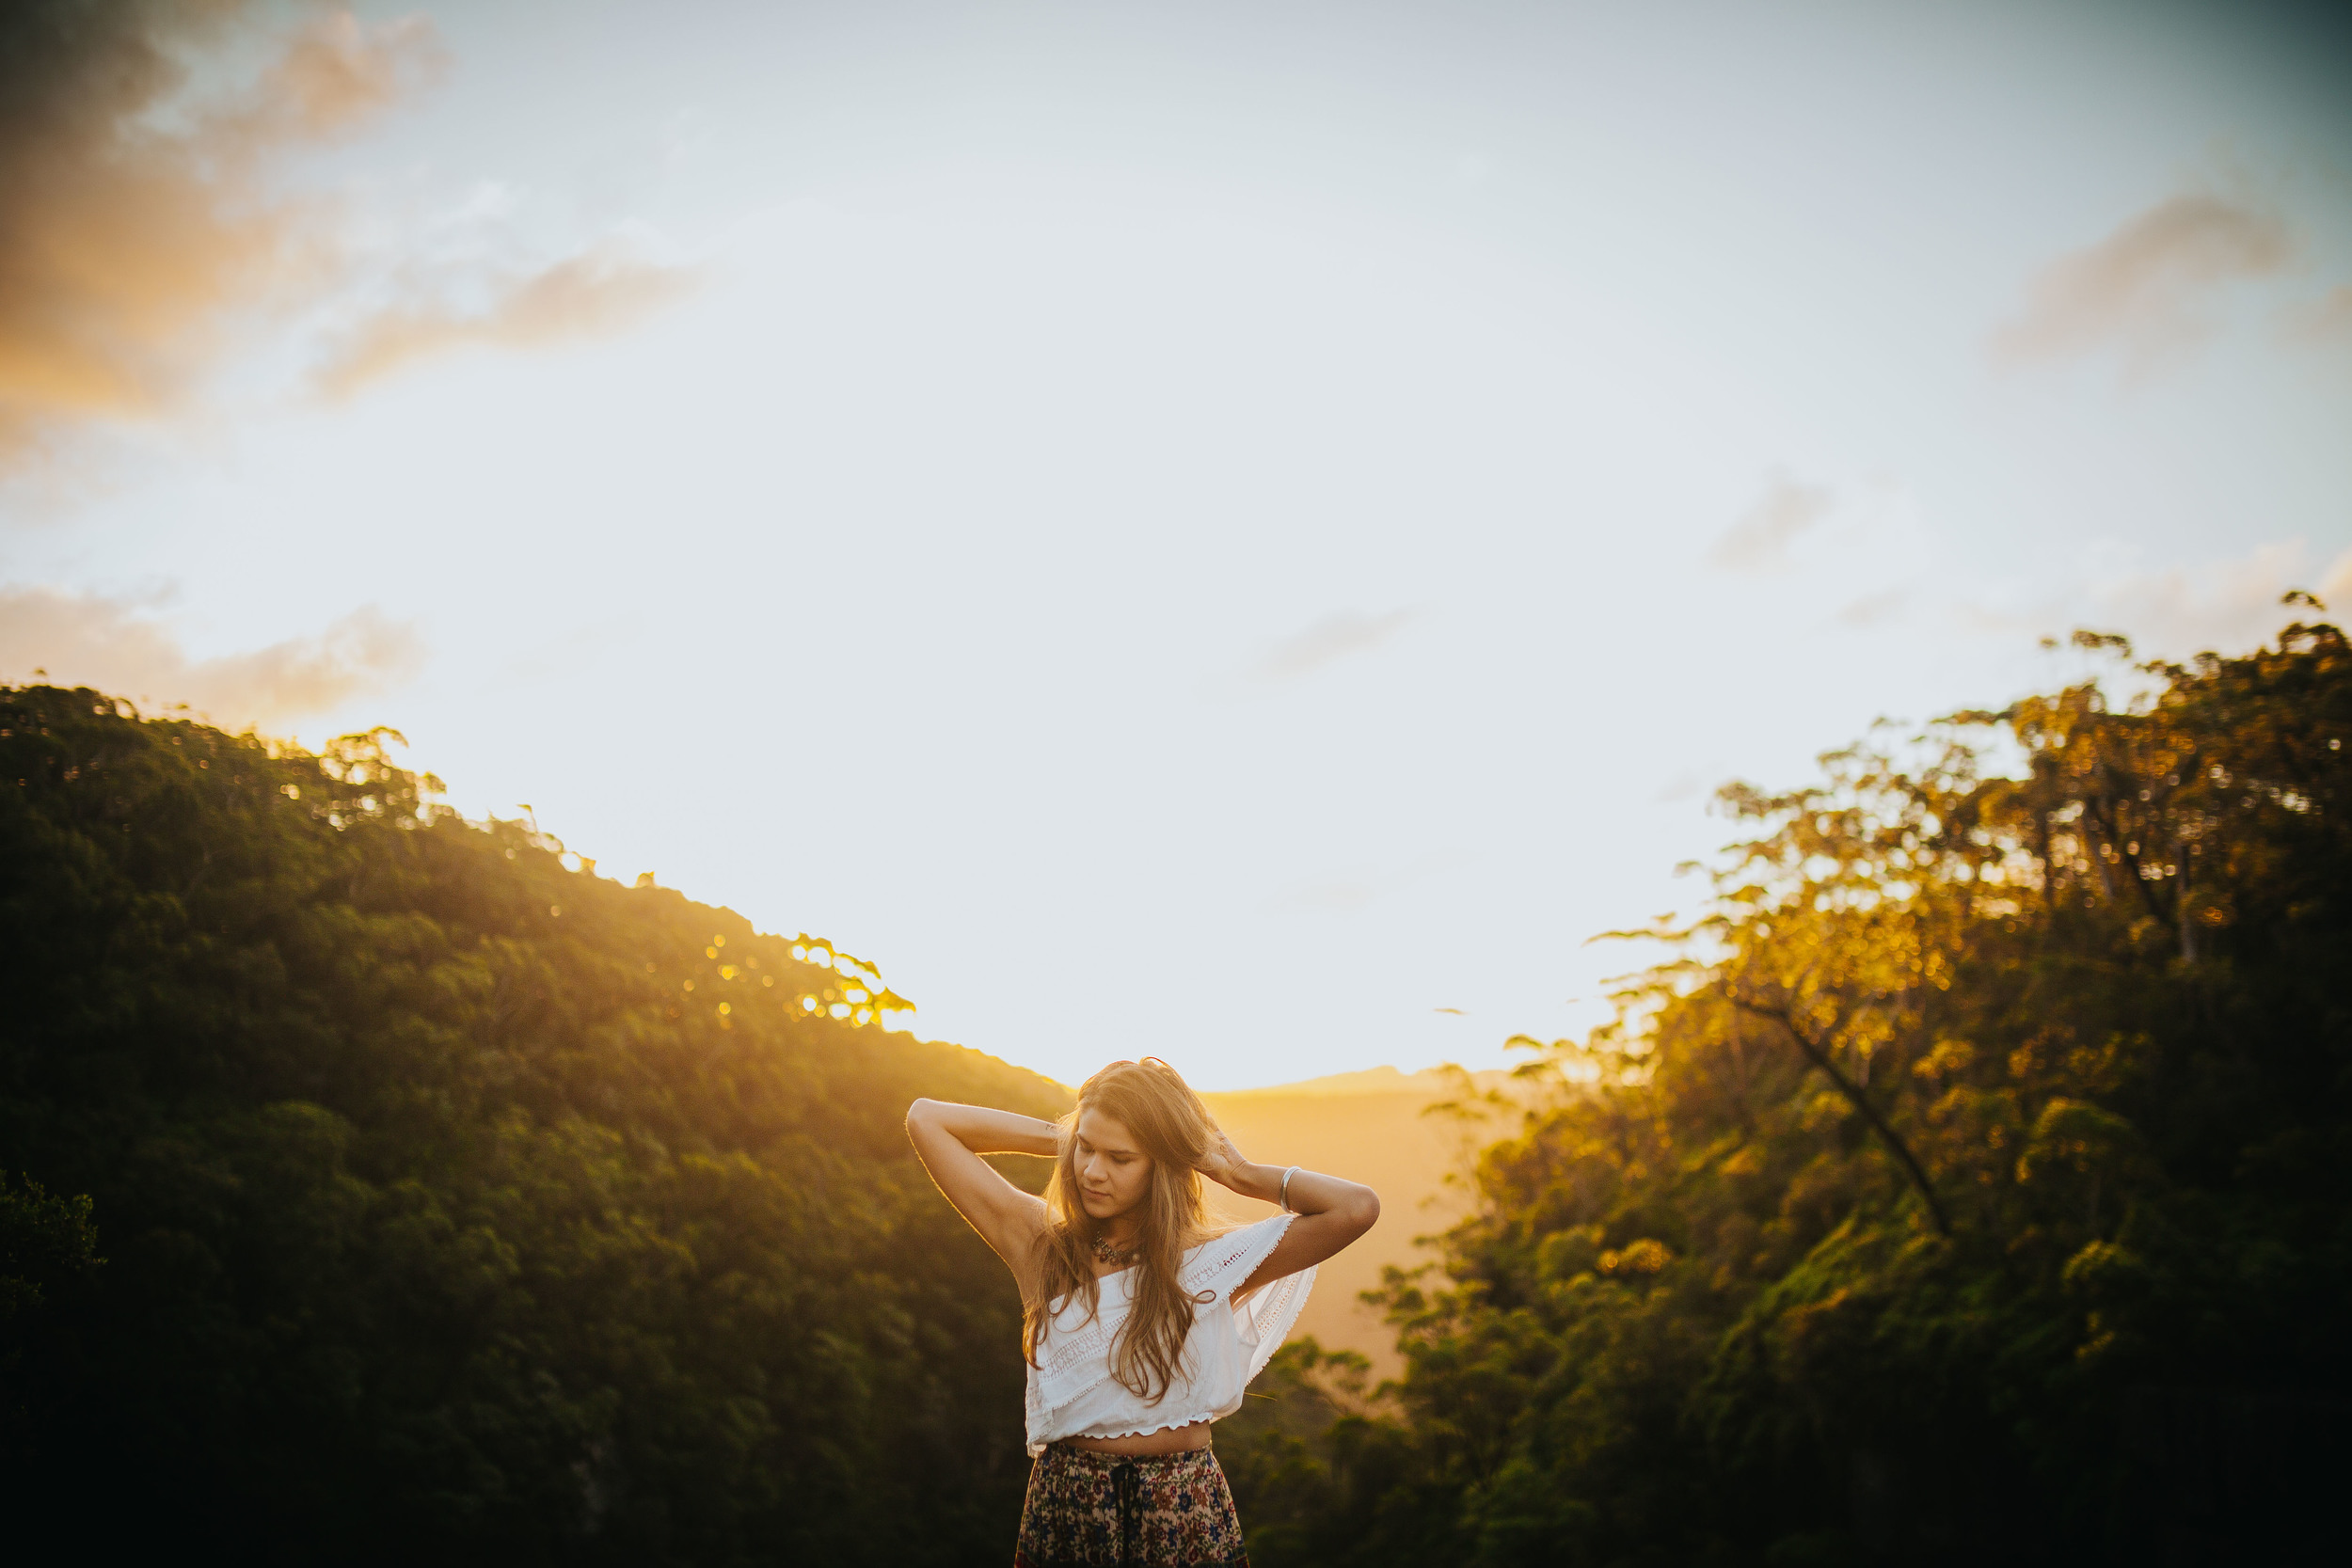 Megan_alanataylorphotographyBLOG-83.jpg